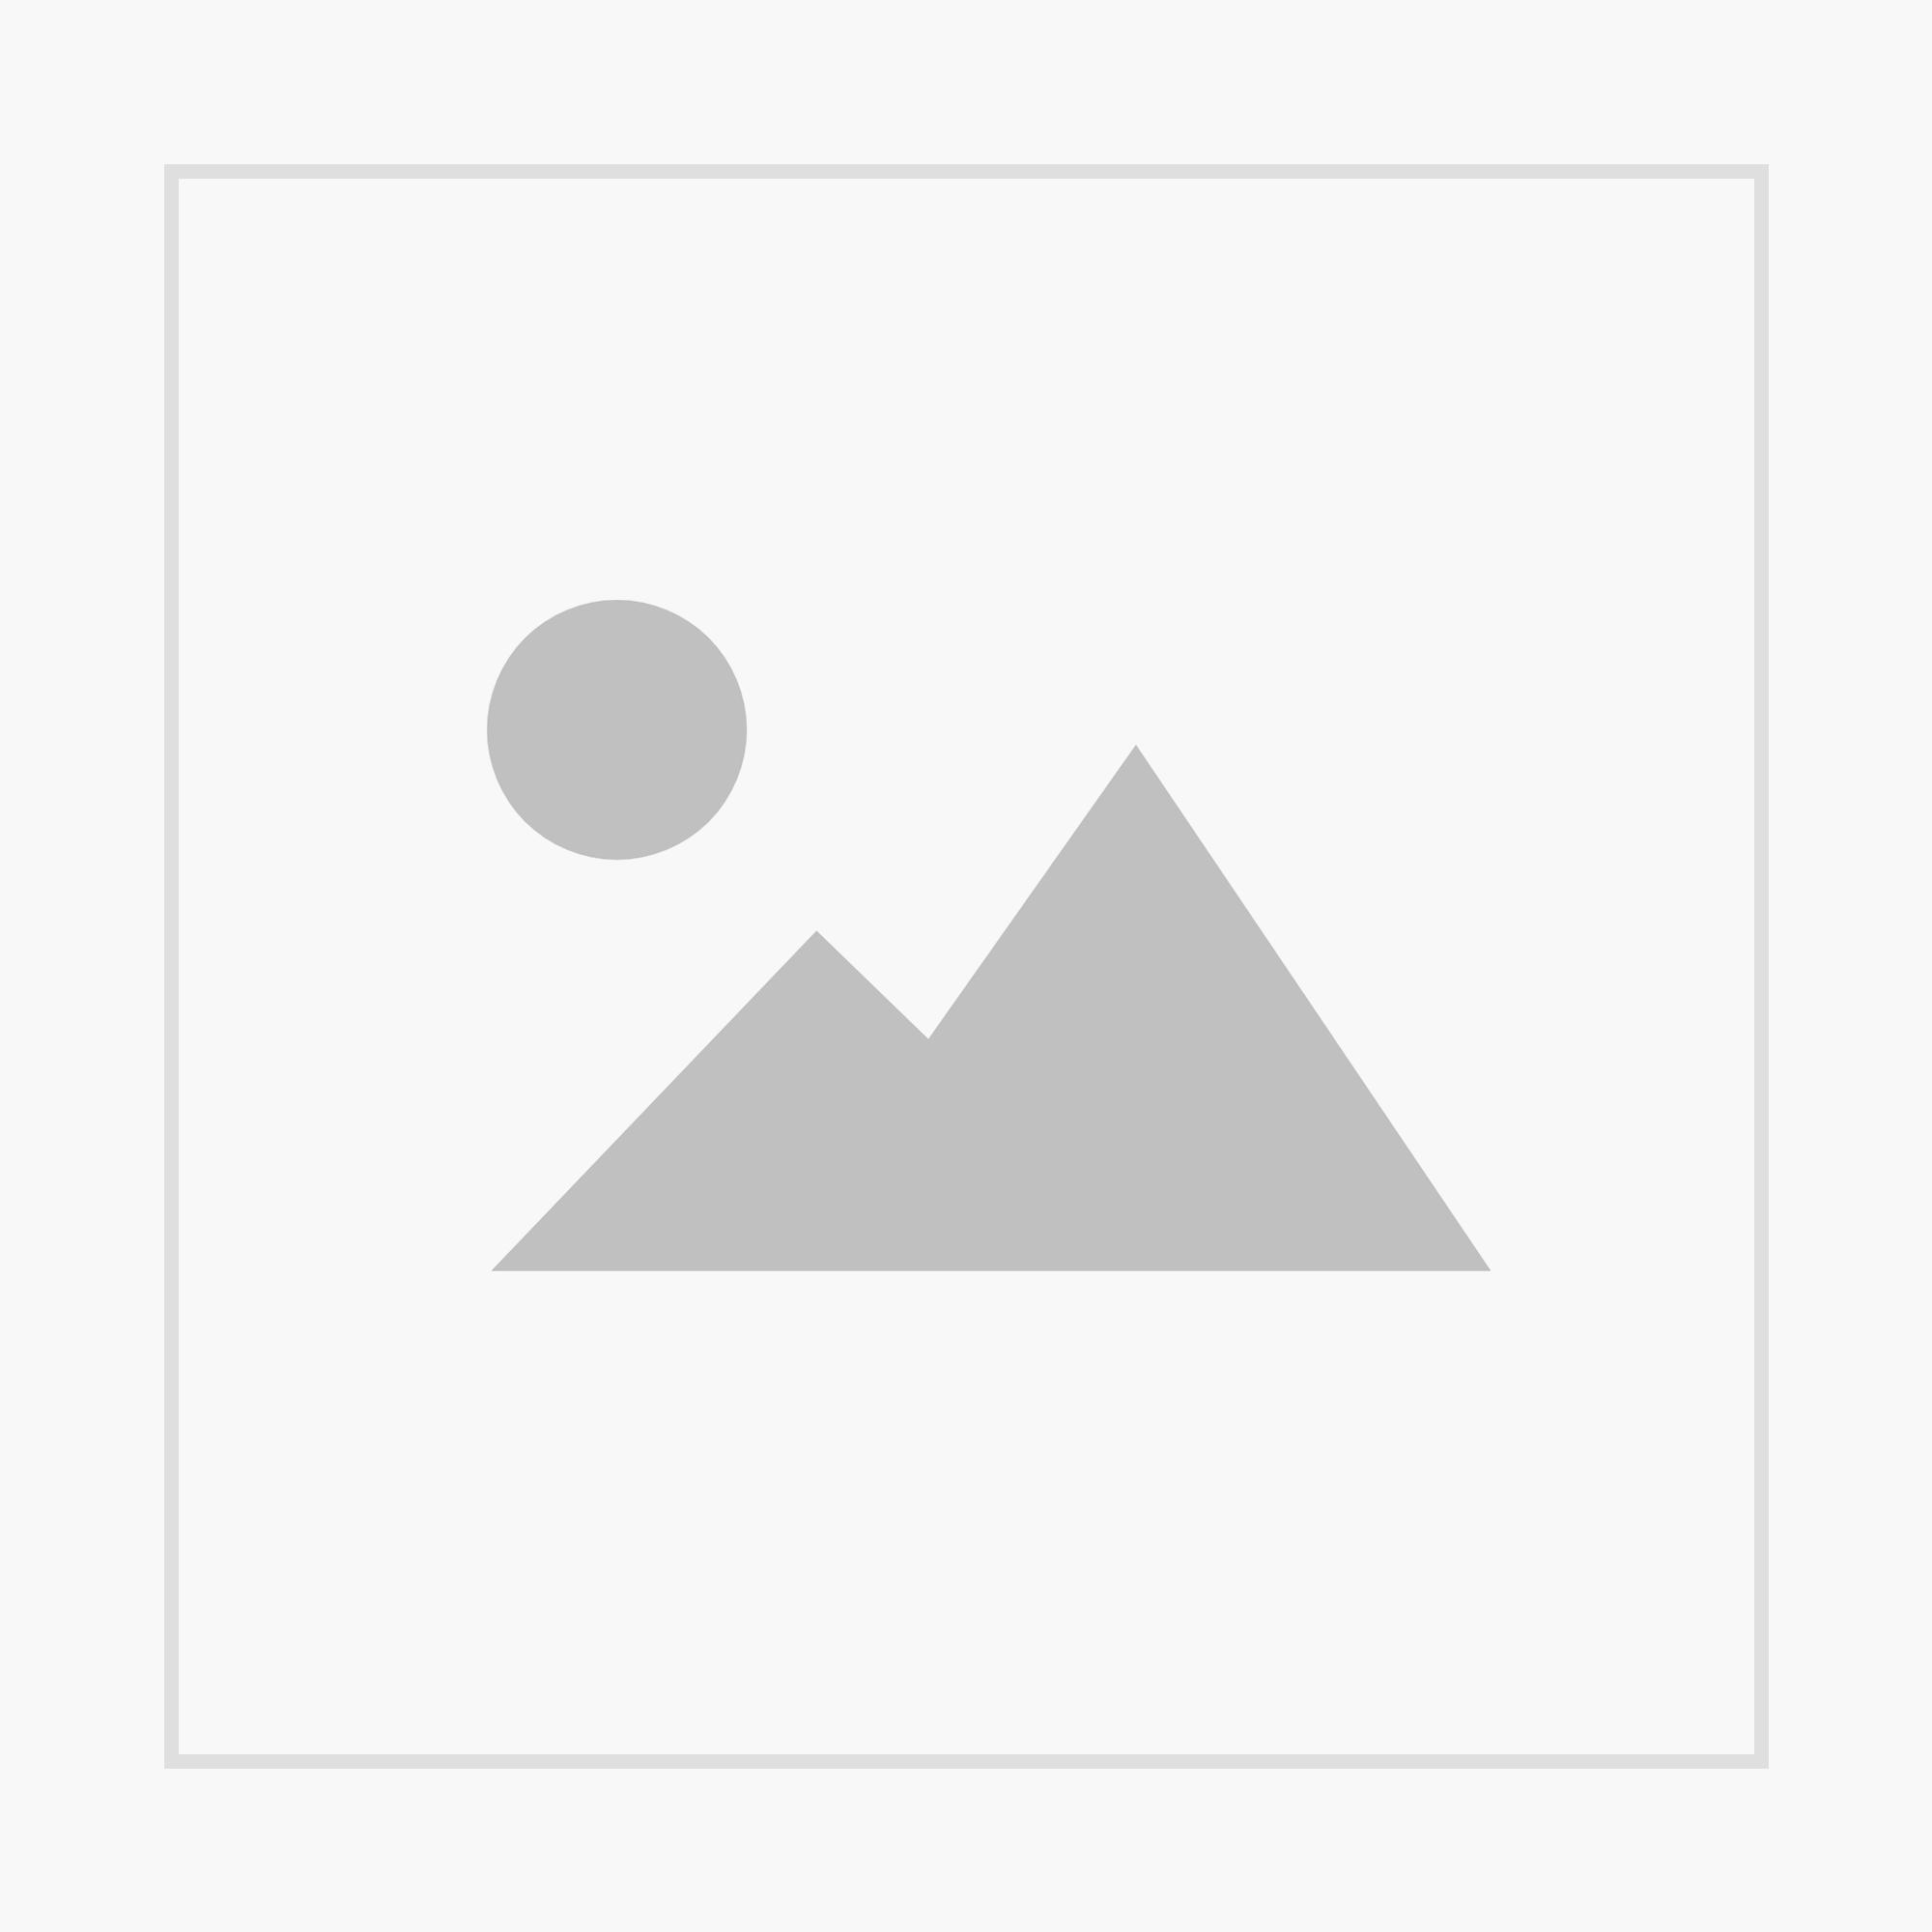 NaBiV Heft 160: Bestimmung der Erheblichkeit und Beachtung von Kumulationswirkungen in der FFH - Verträglichkeitsprüfung